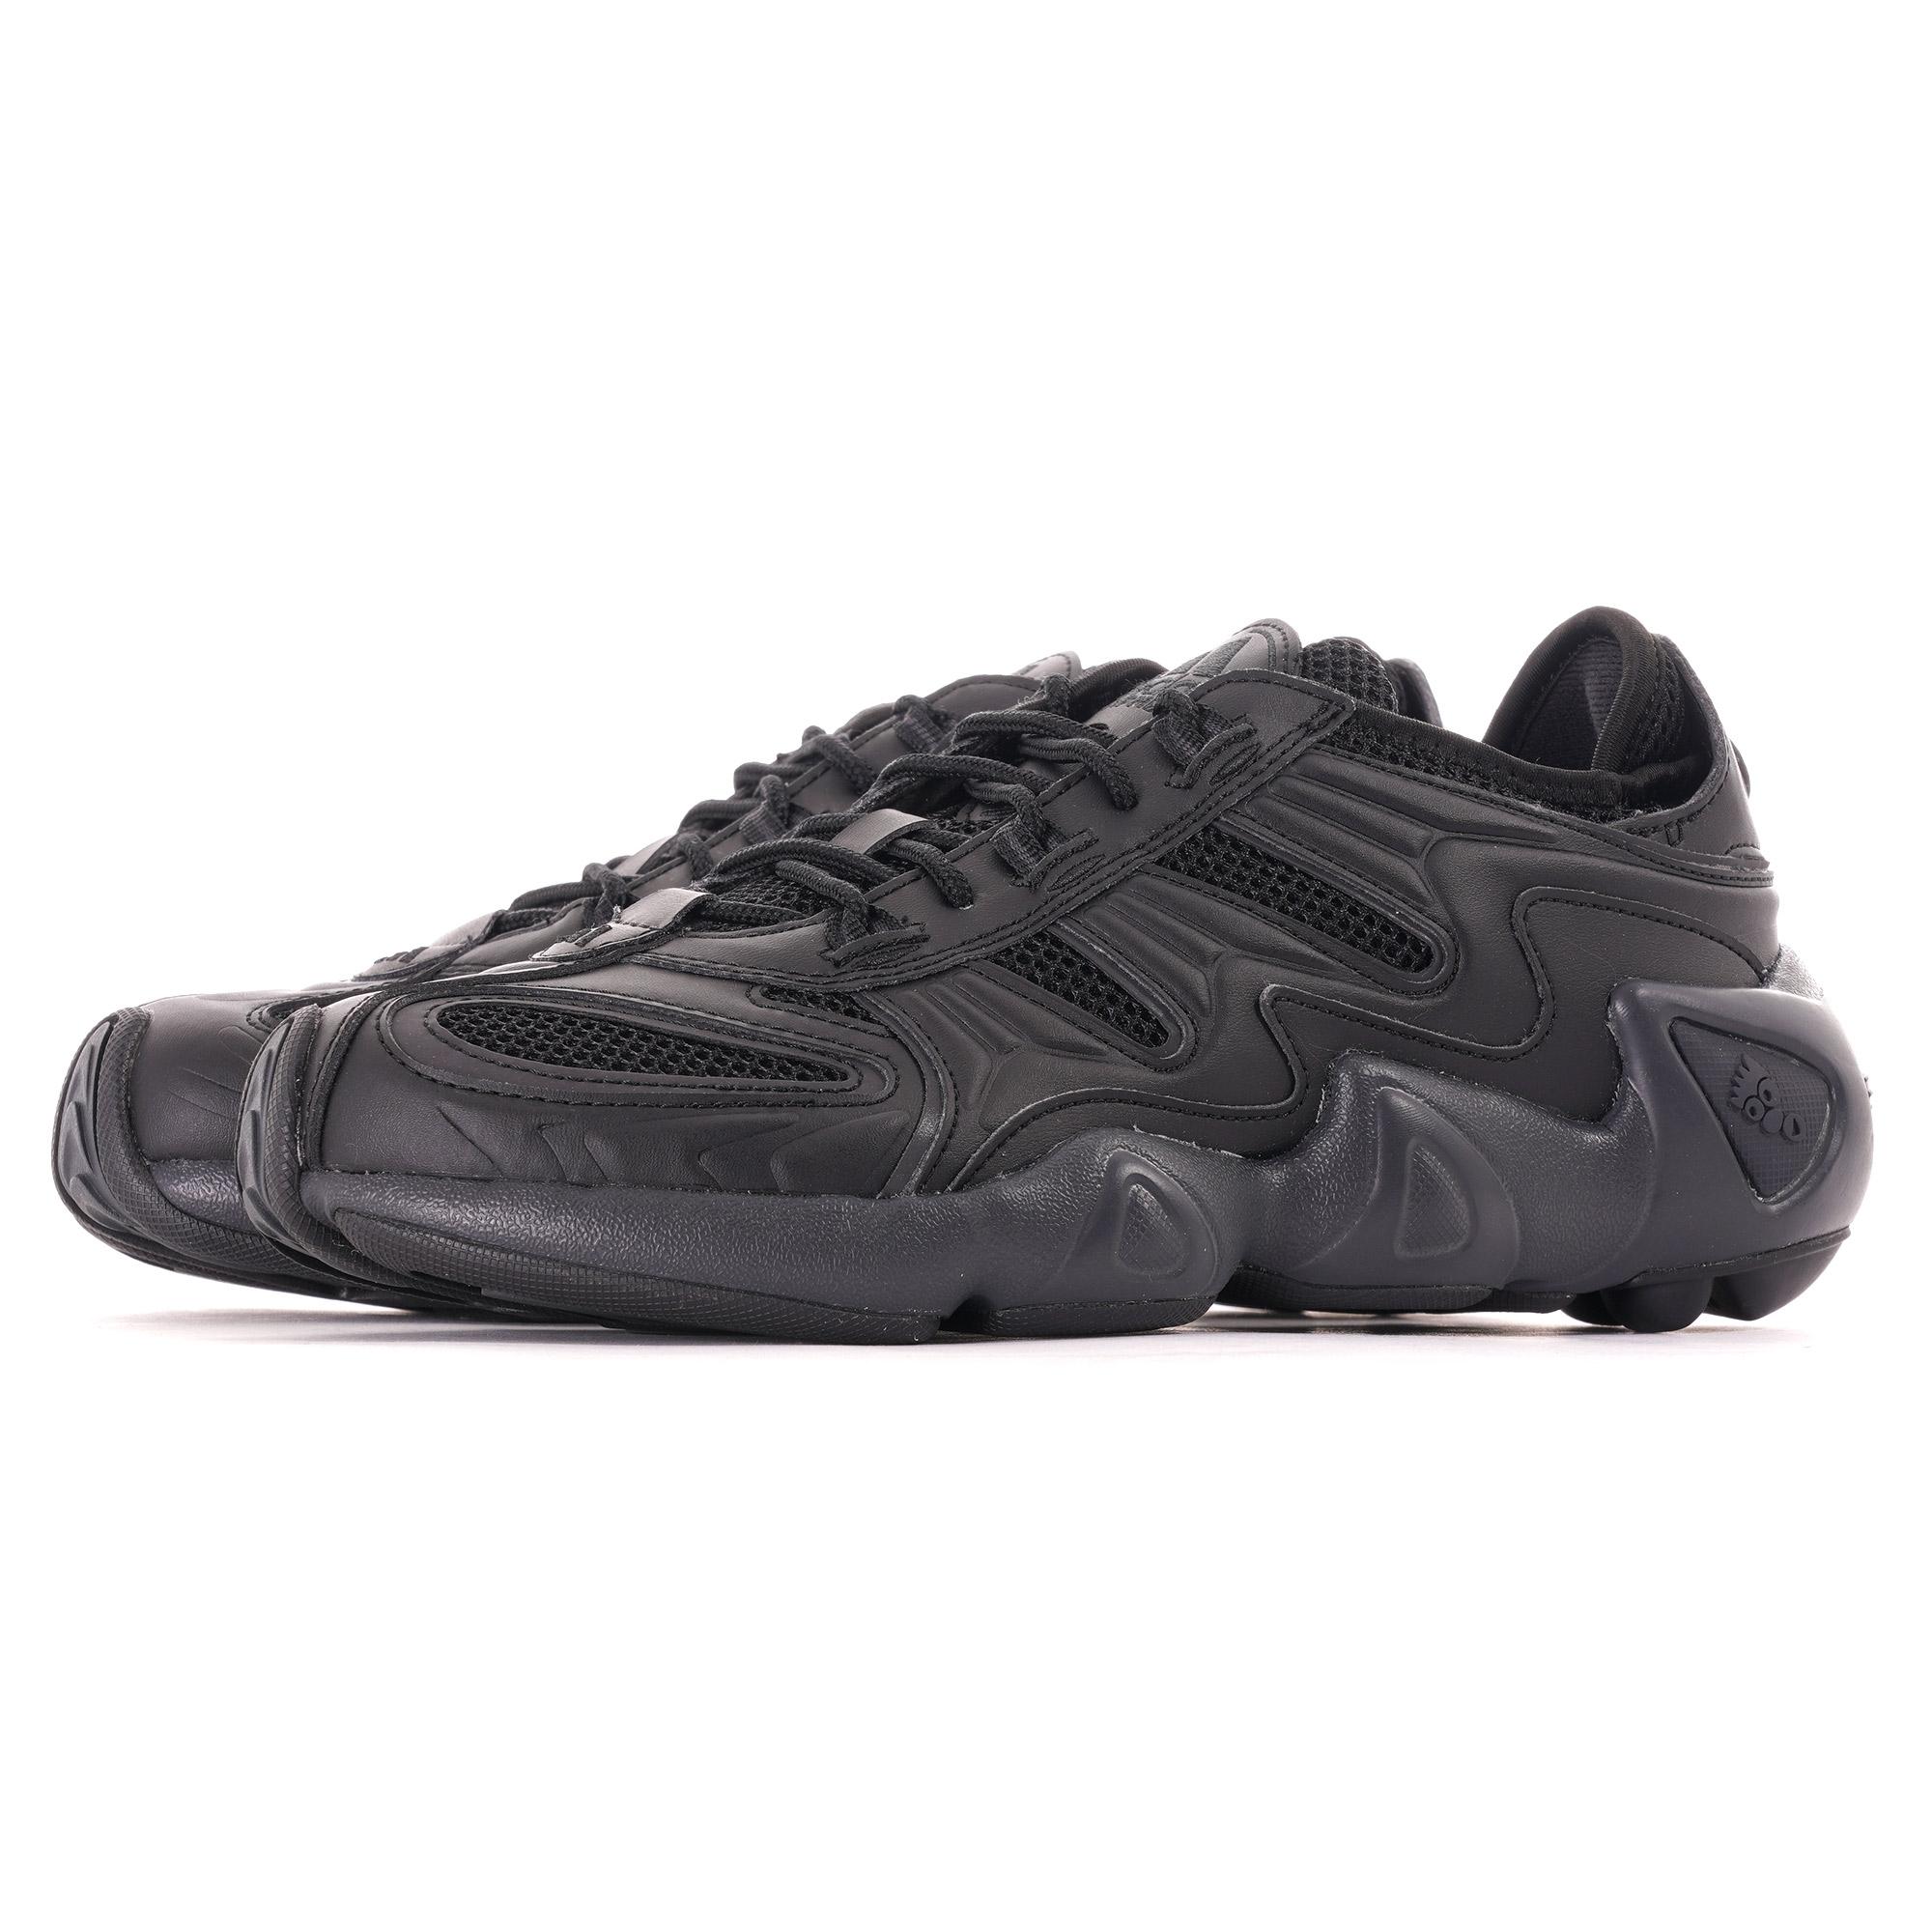 Adidas FYW S-97 - Black